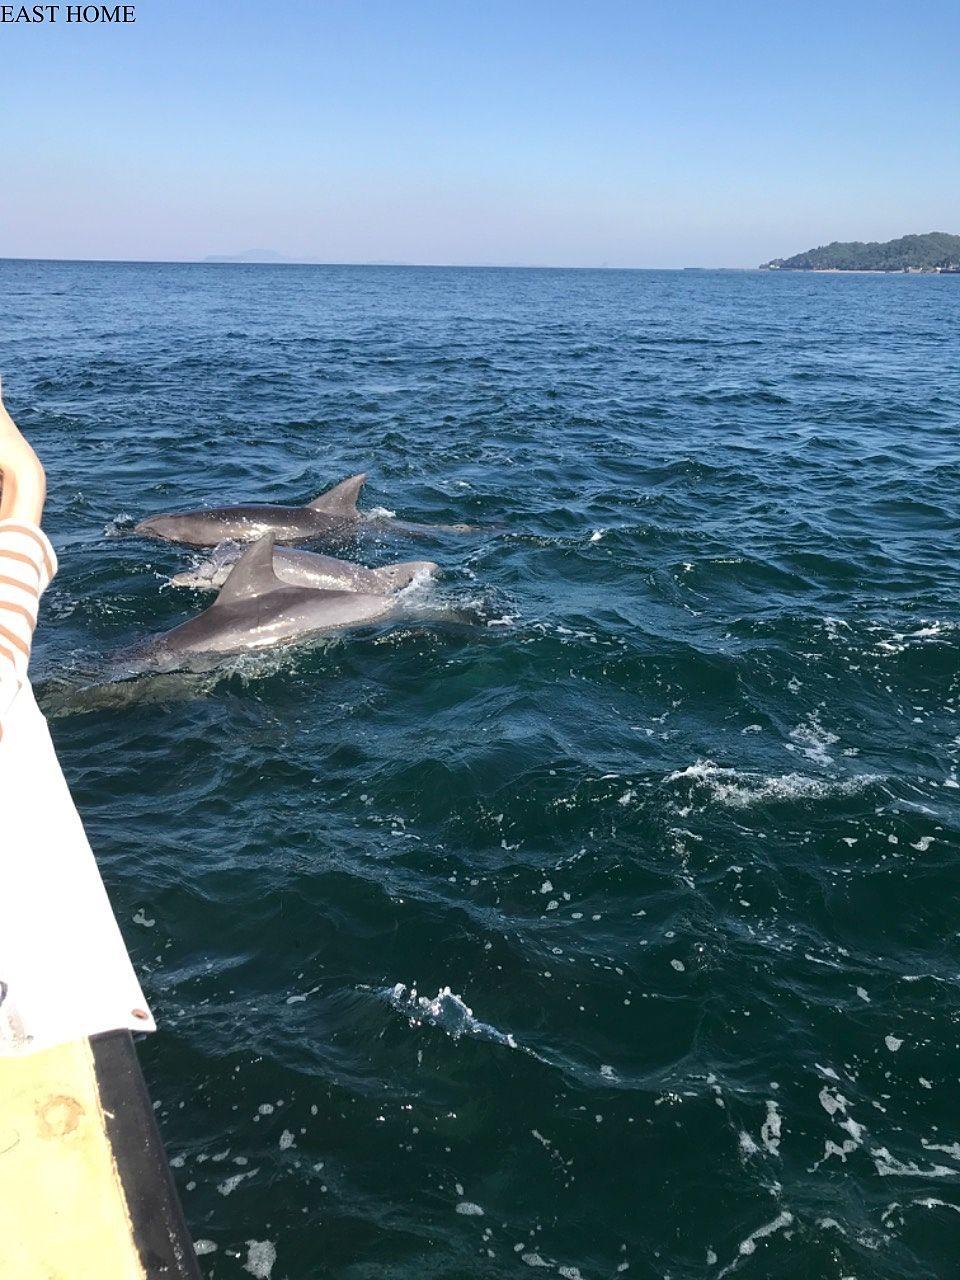 熊本の天草市五和町のイルカウォッチングでイルカの大群に遭遇!